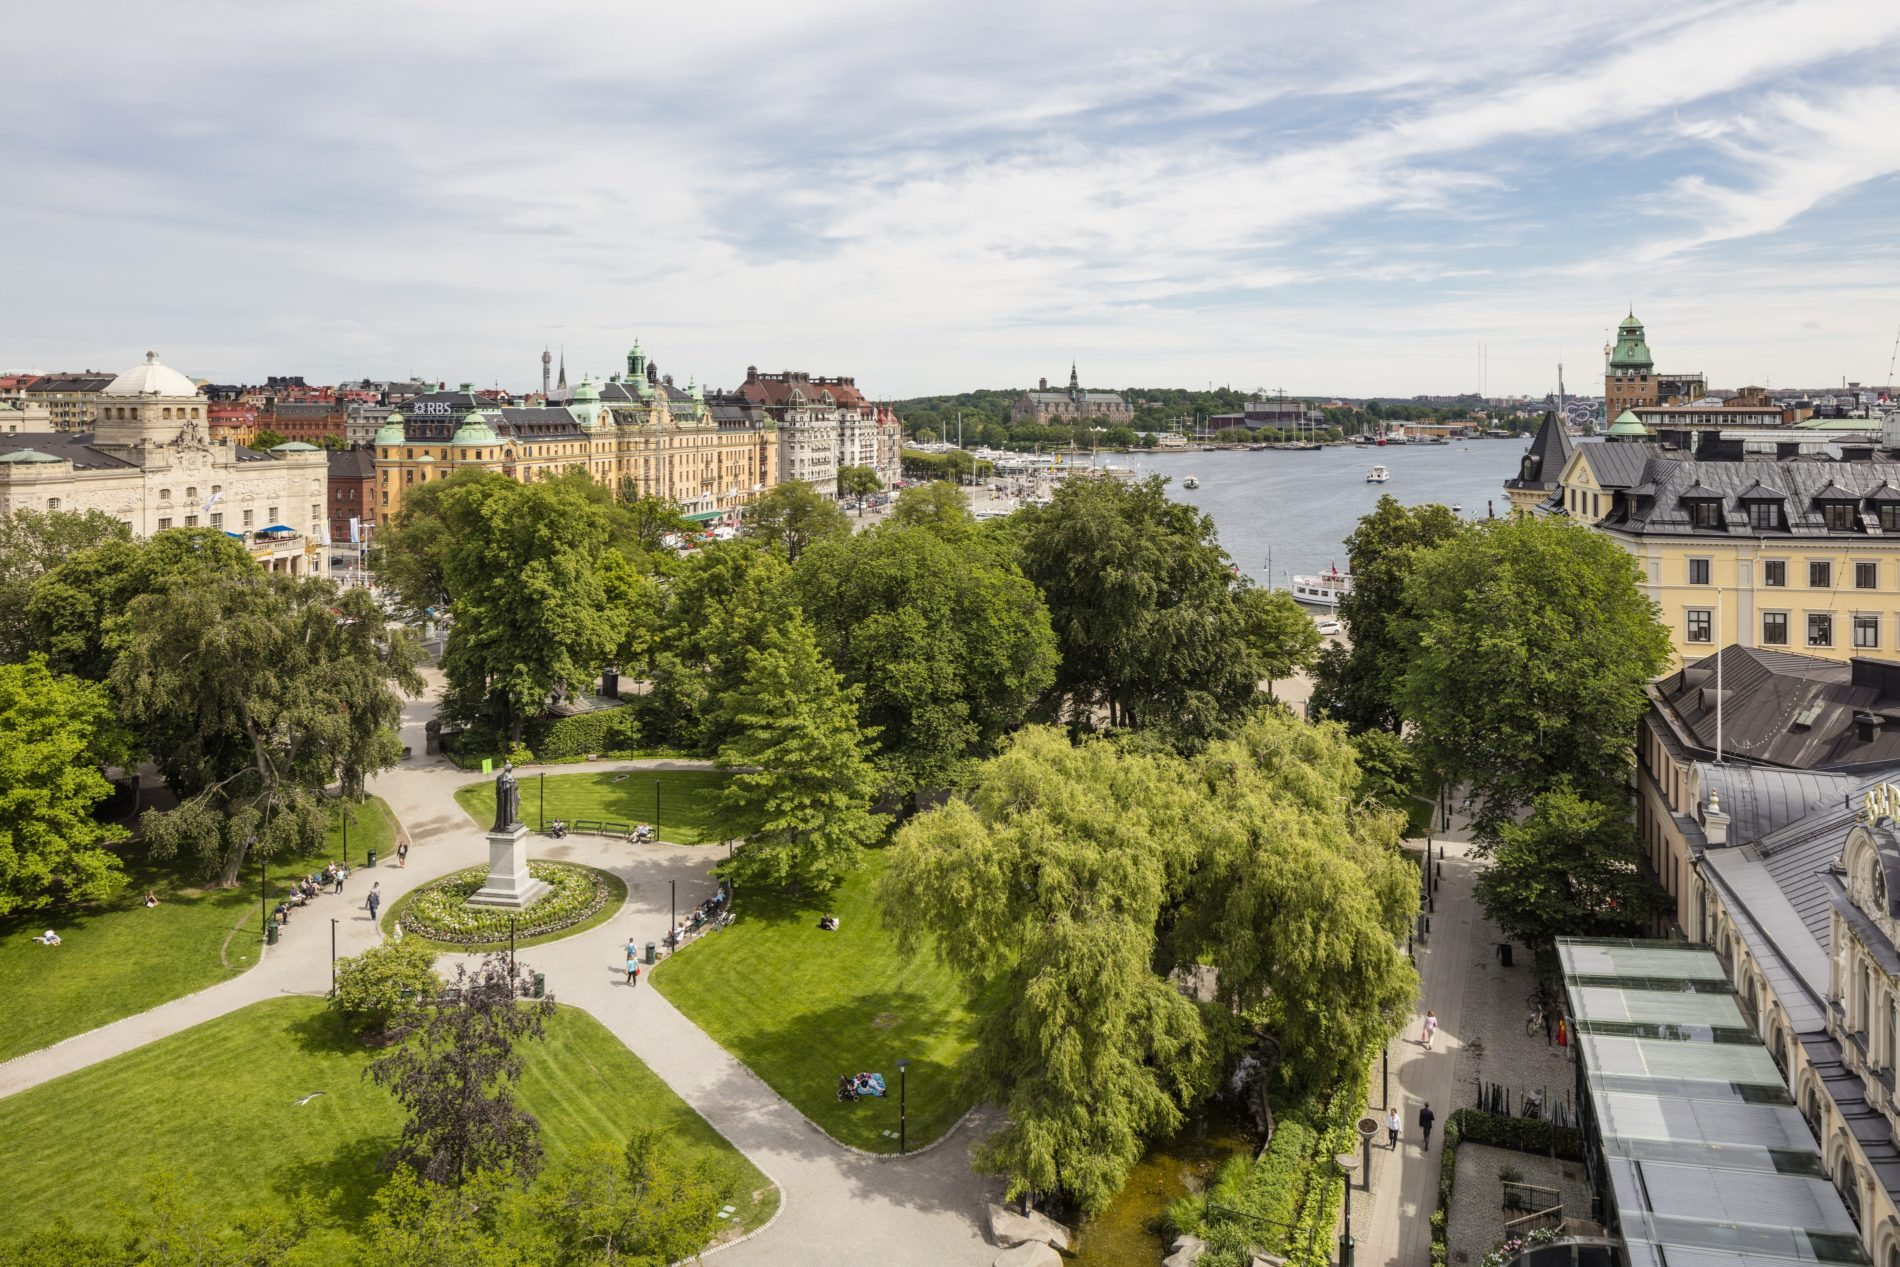 Utsikt från Bankpalatsets terrass mot Berzelii park och Nybroviken.